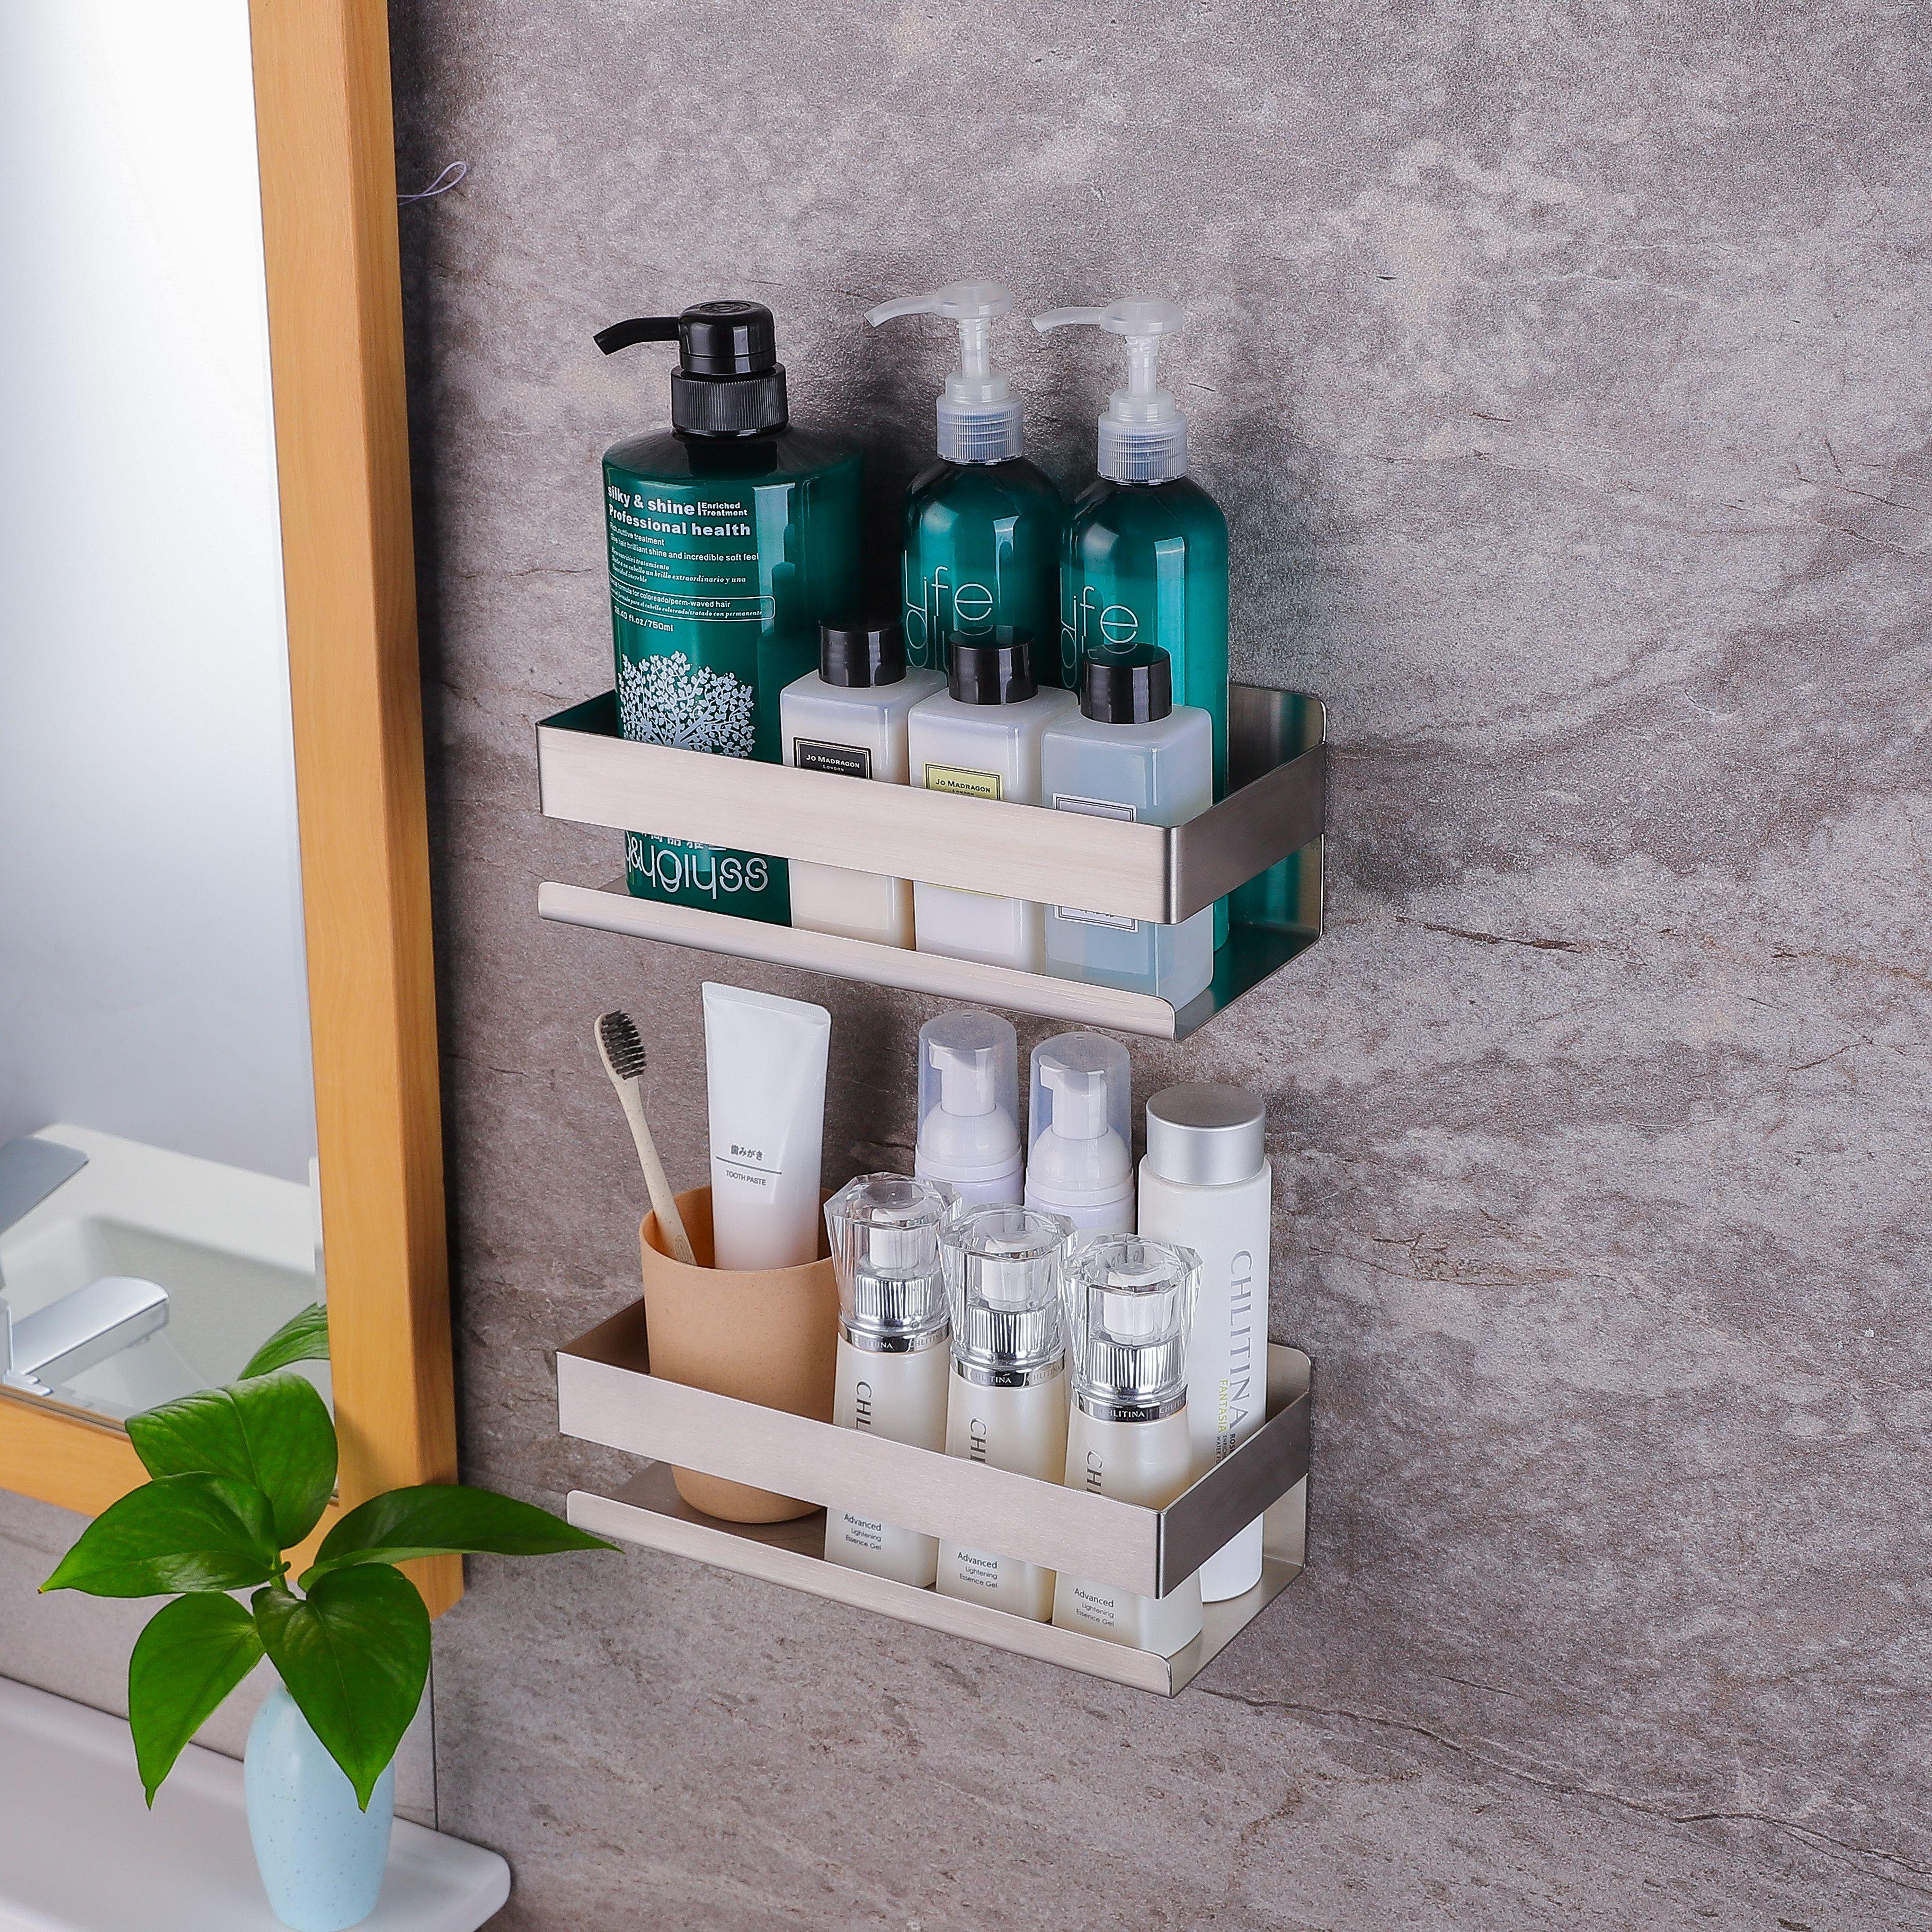 Yigii Shower Caddy In 2021 Bathroom Hardware Set Shower Shelves Bathroom Baskets